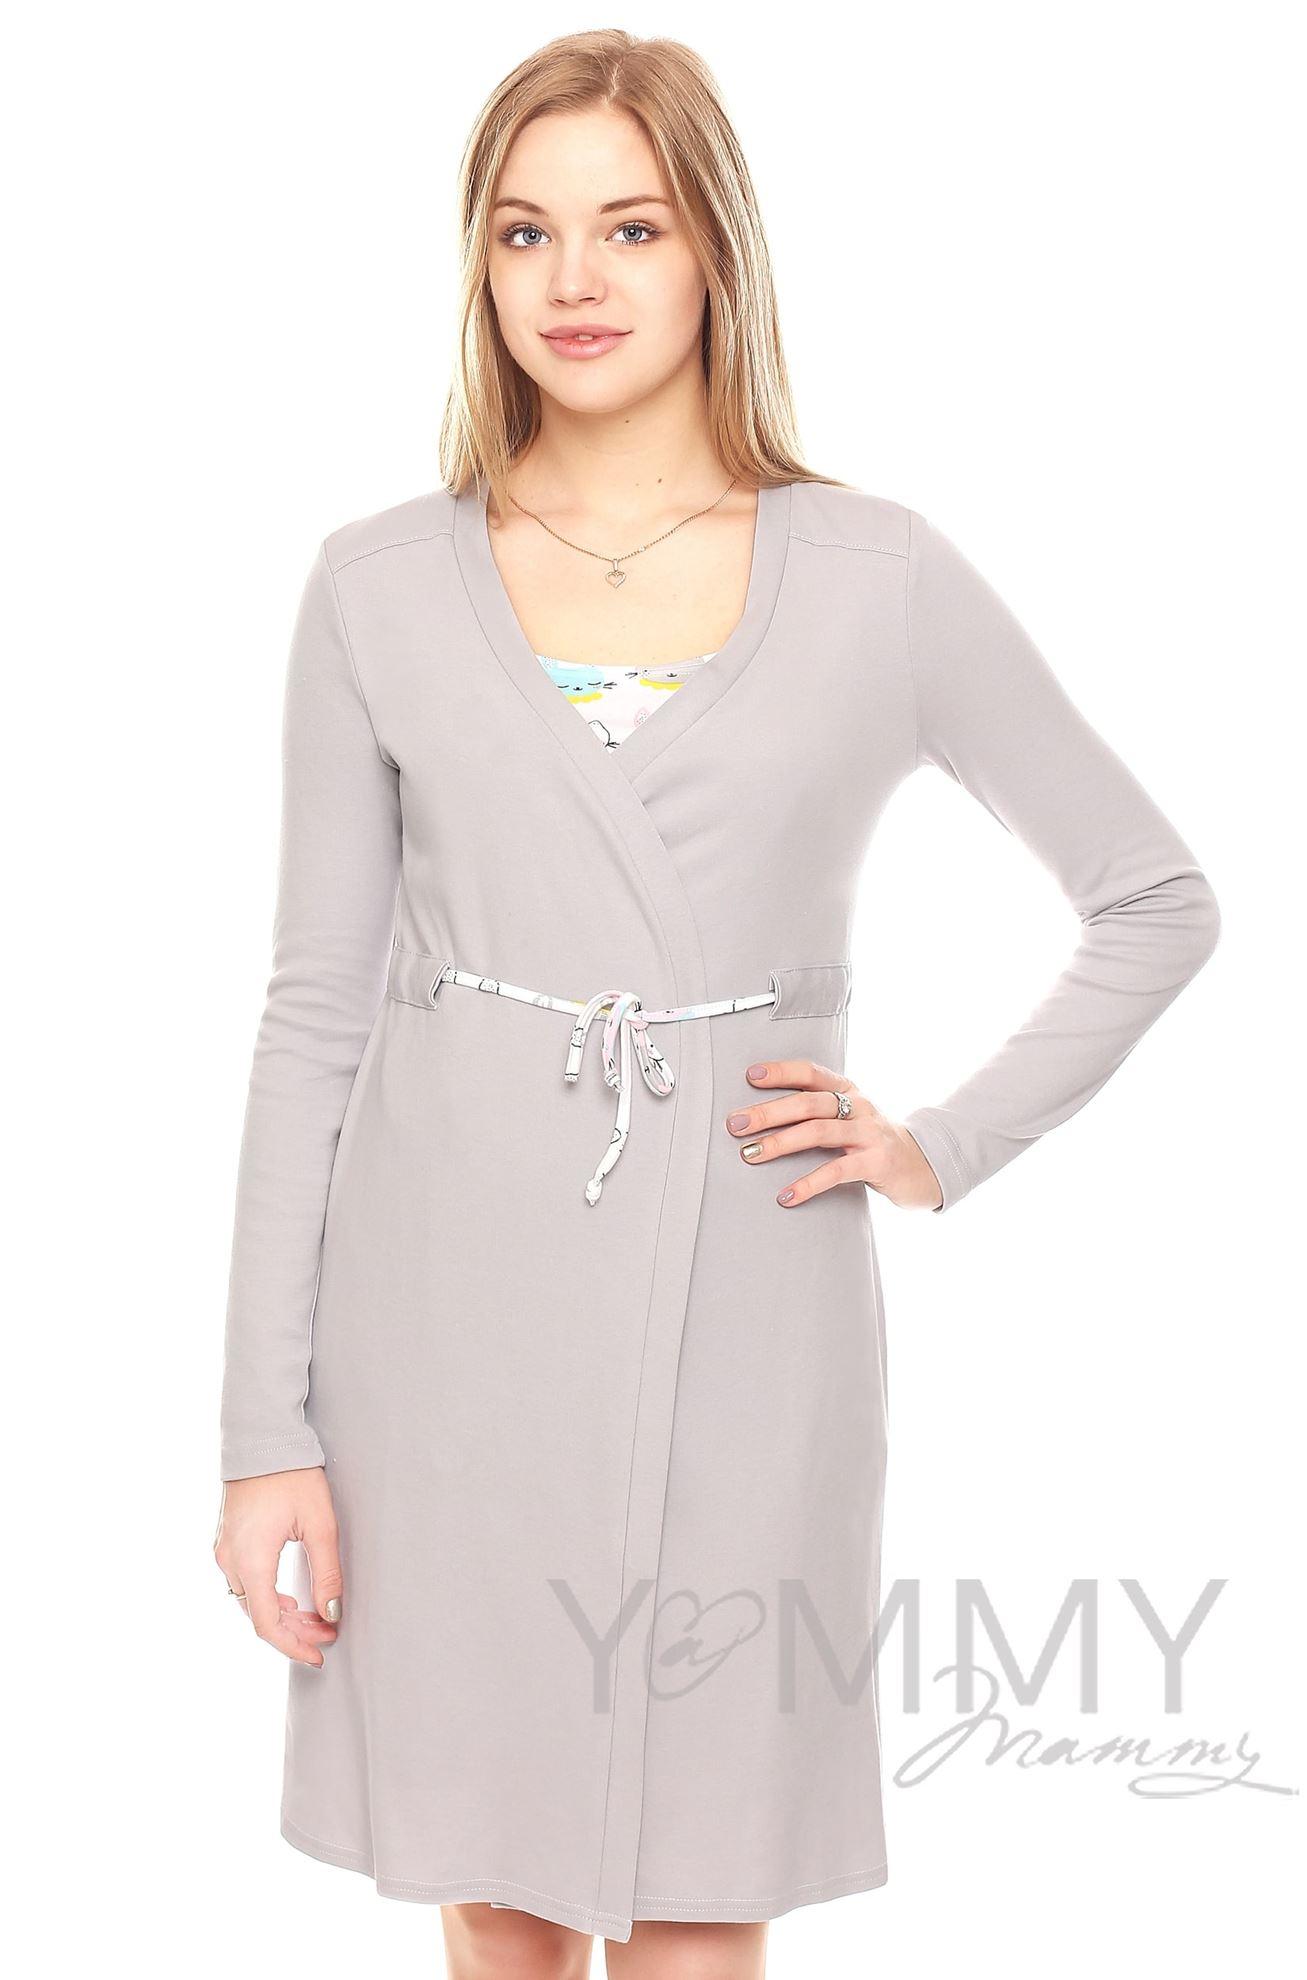 Изображение                               Комплект халат с сорочкой серый с принтом котики и зайчики